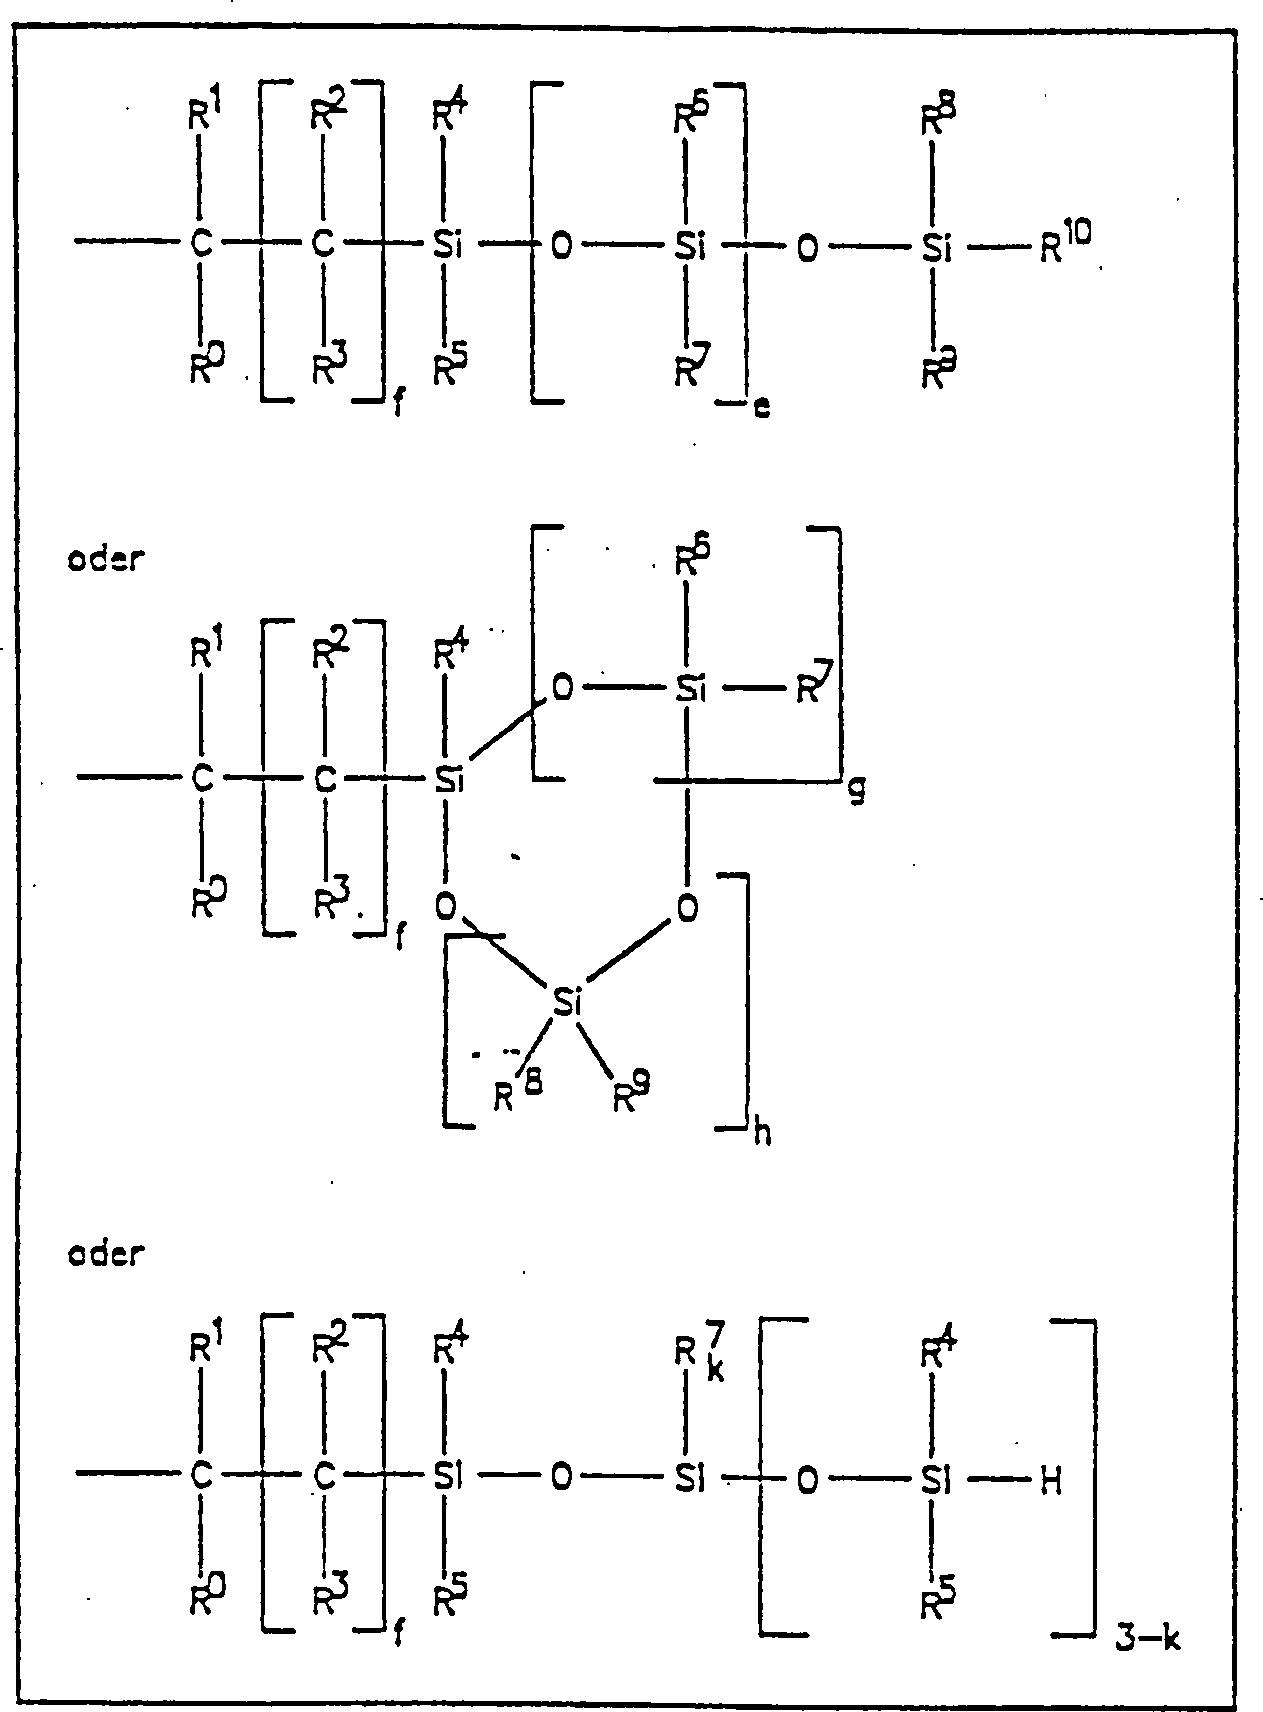 Figure DE000019719438C5_0006